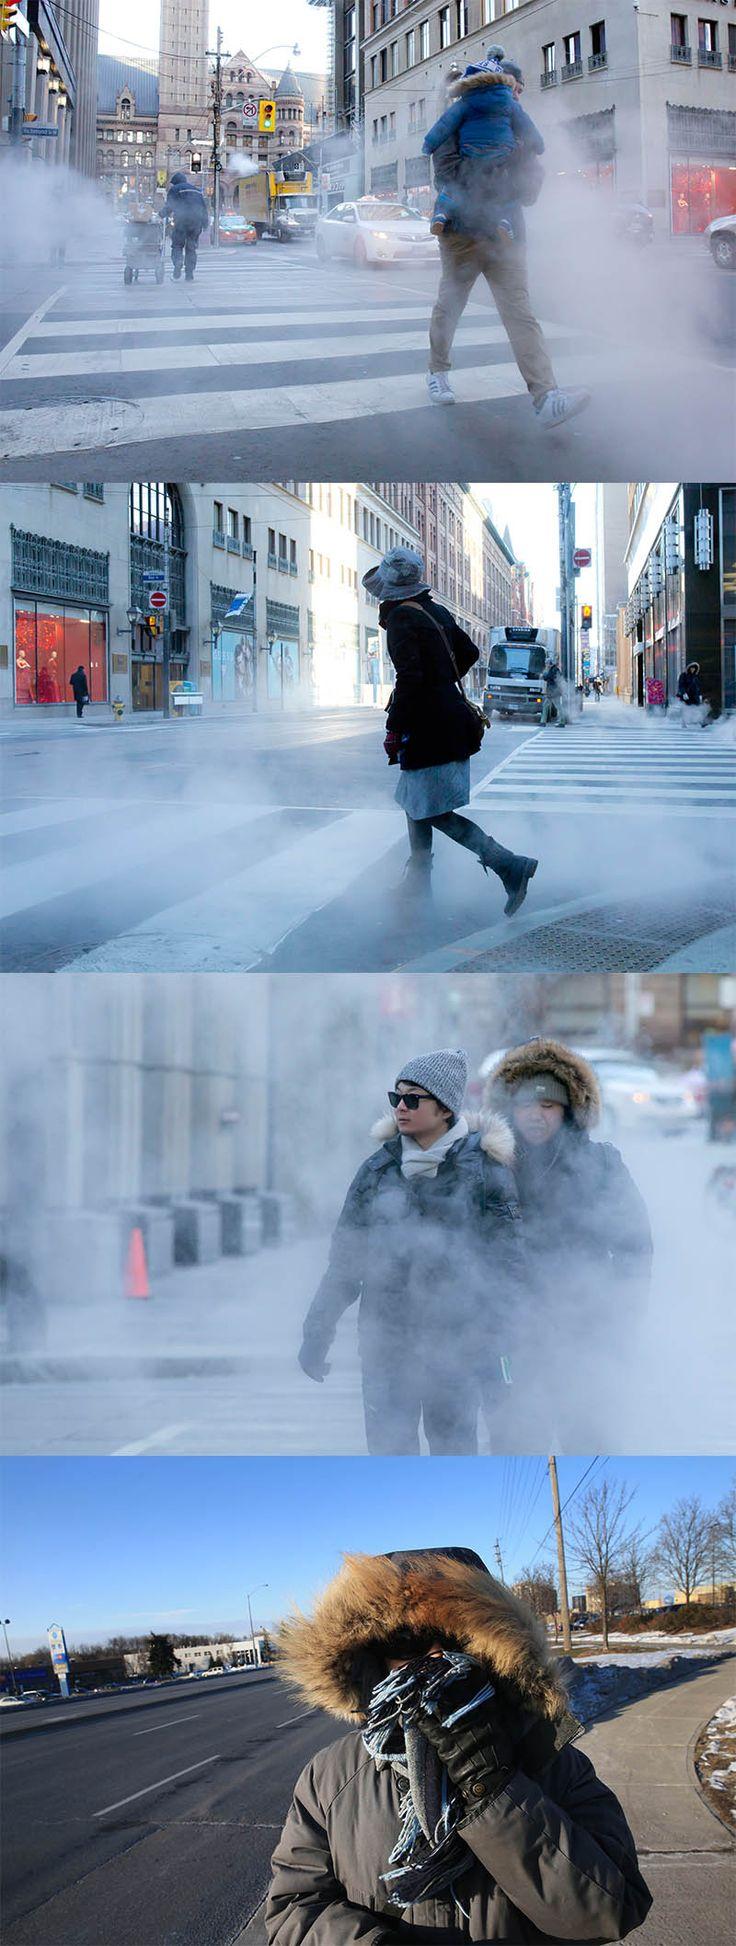 Stay warm Toronto!